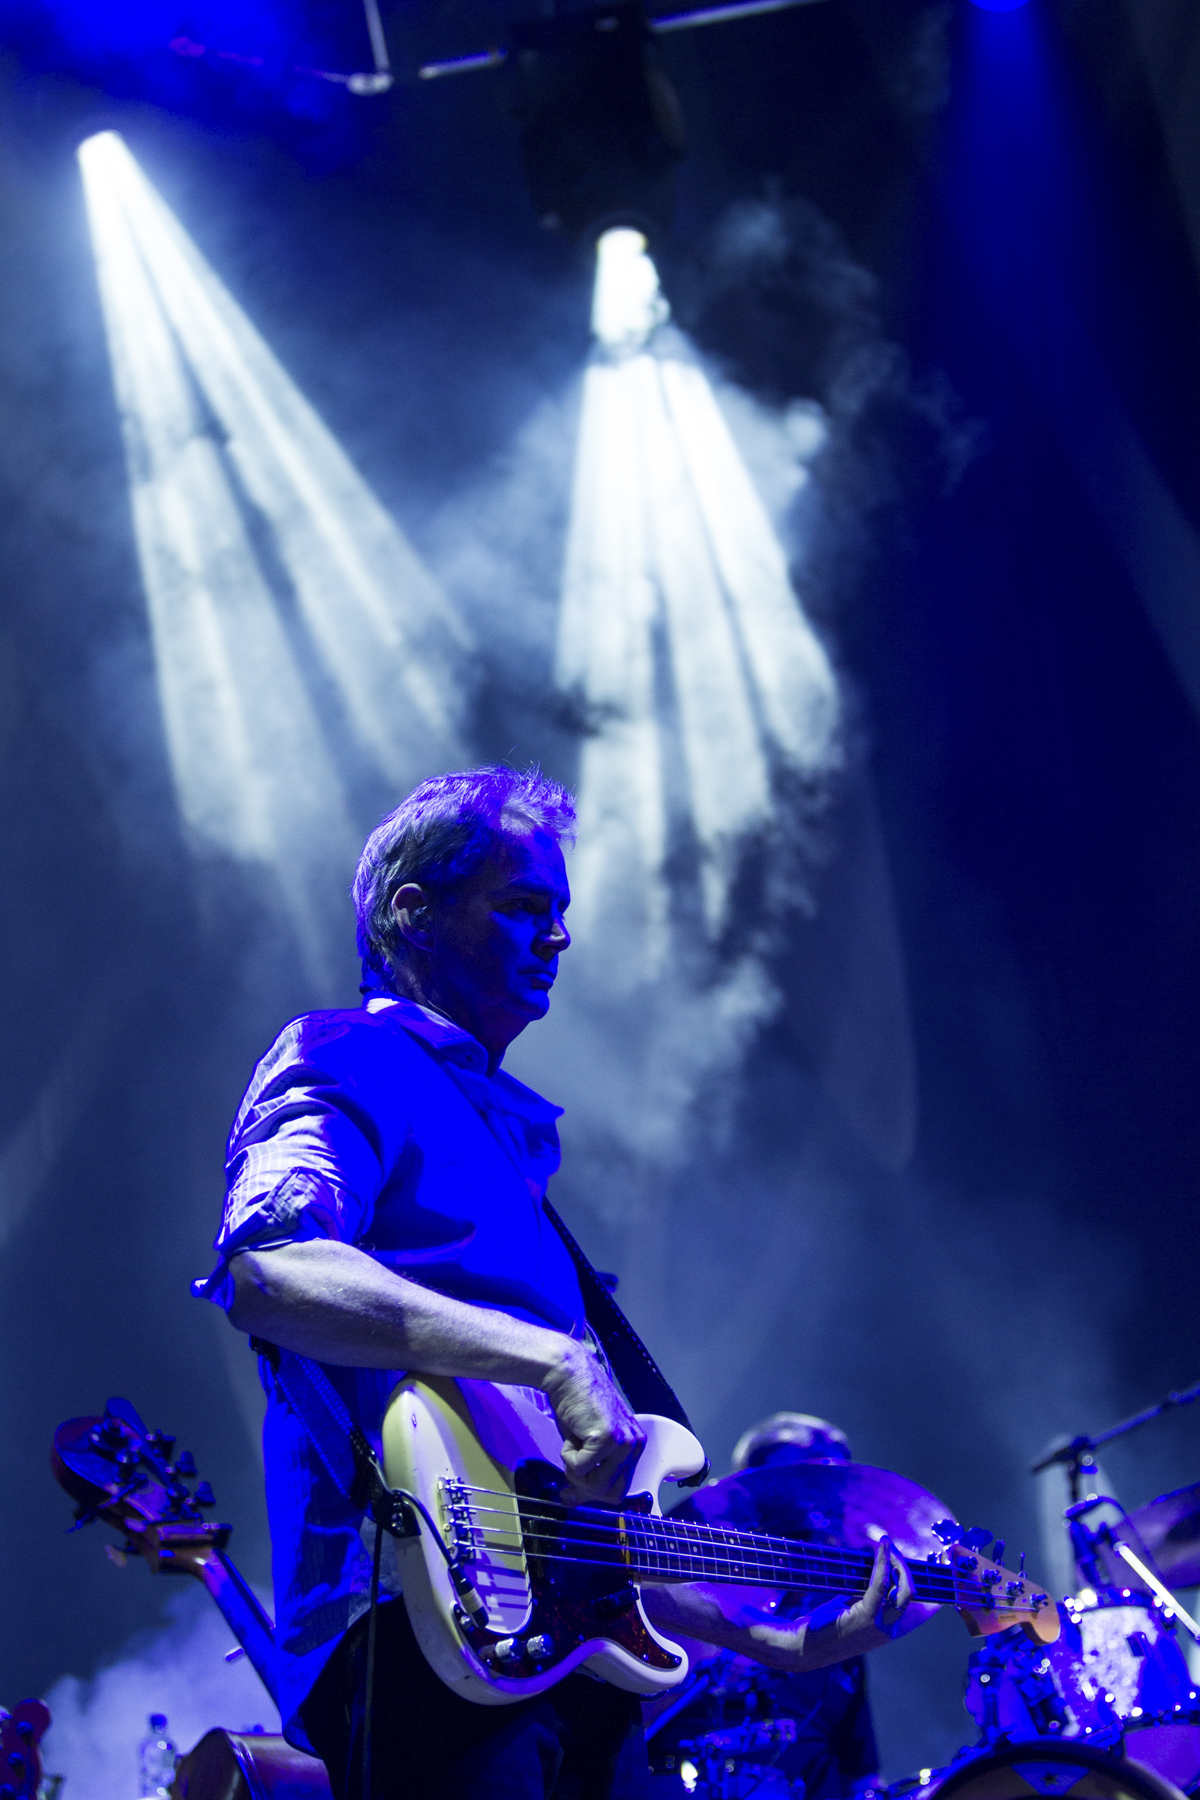 Glenn Worf in concert